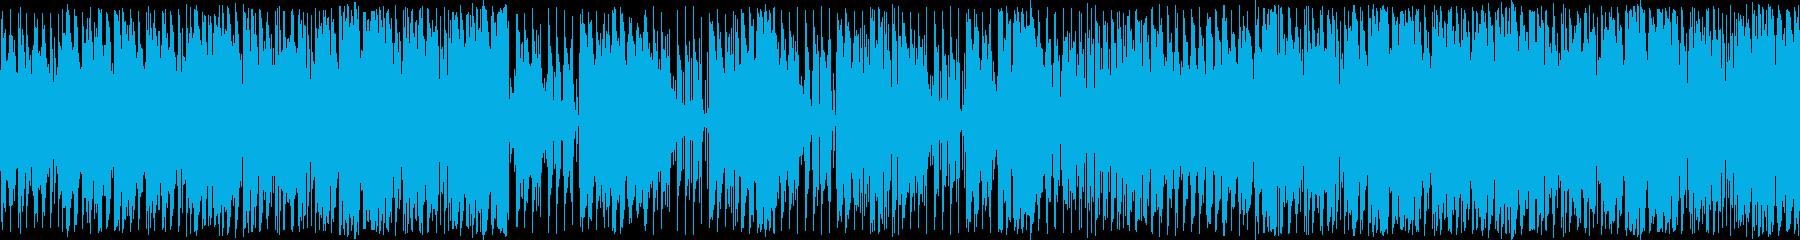 クールで大人な雰囲気のラウンジサウンドの再生済みの波形